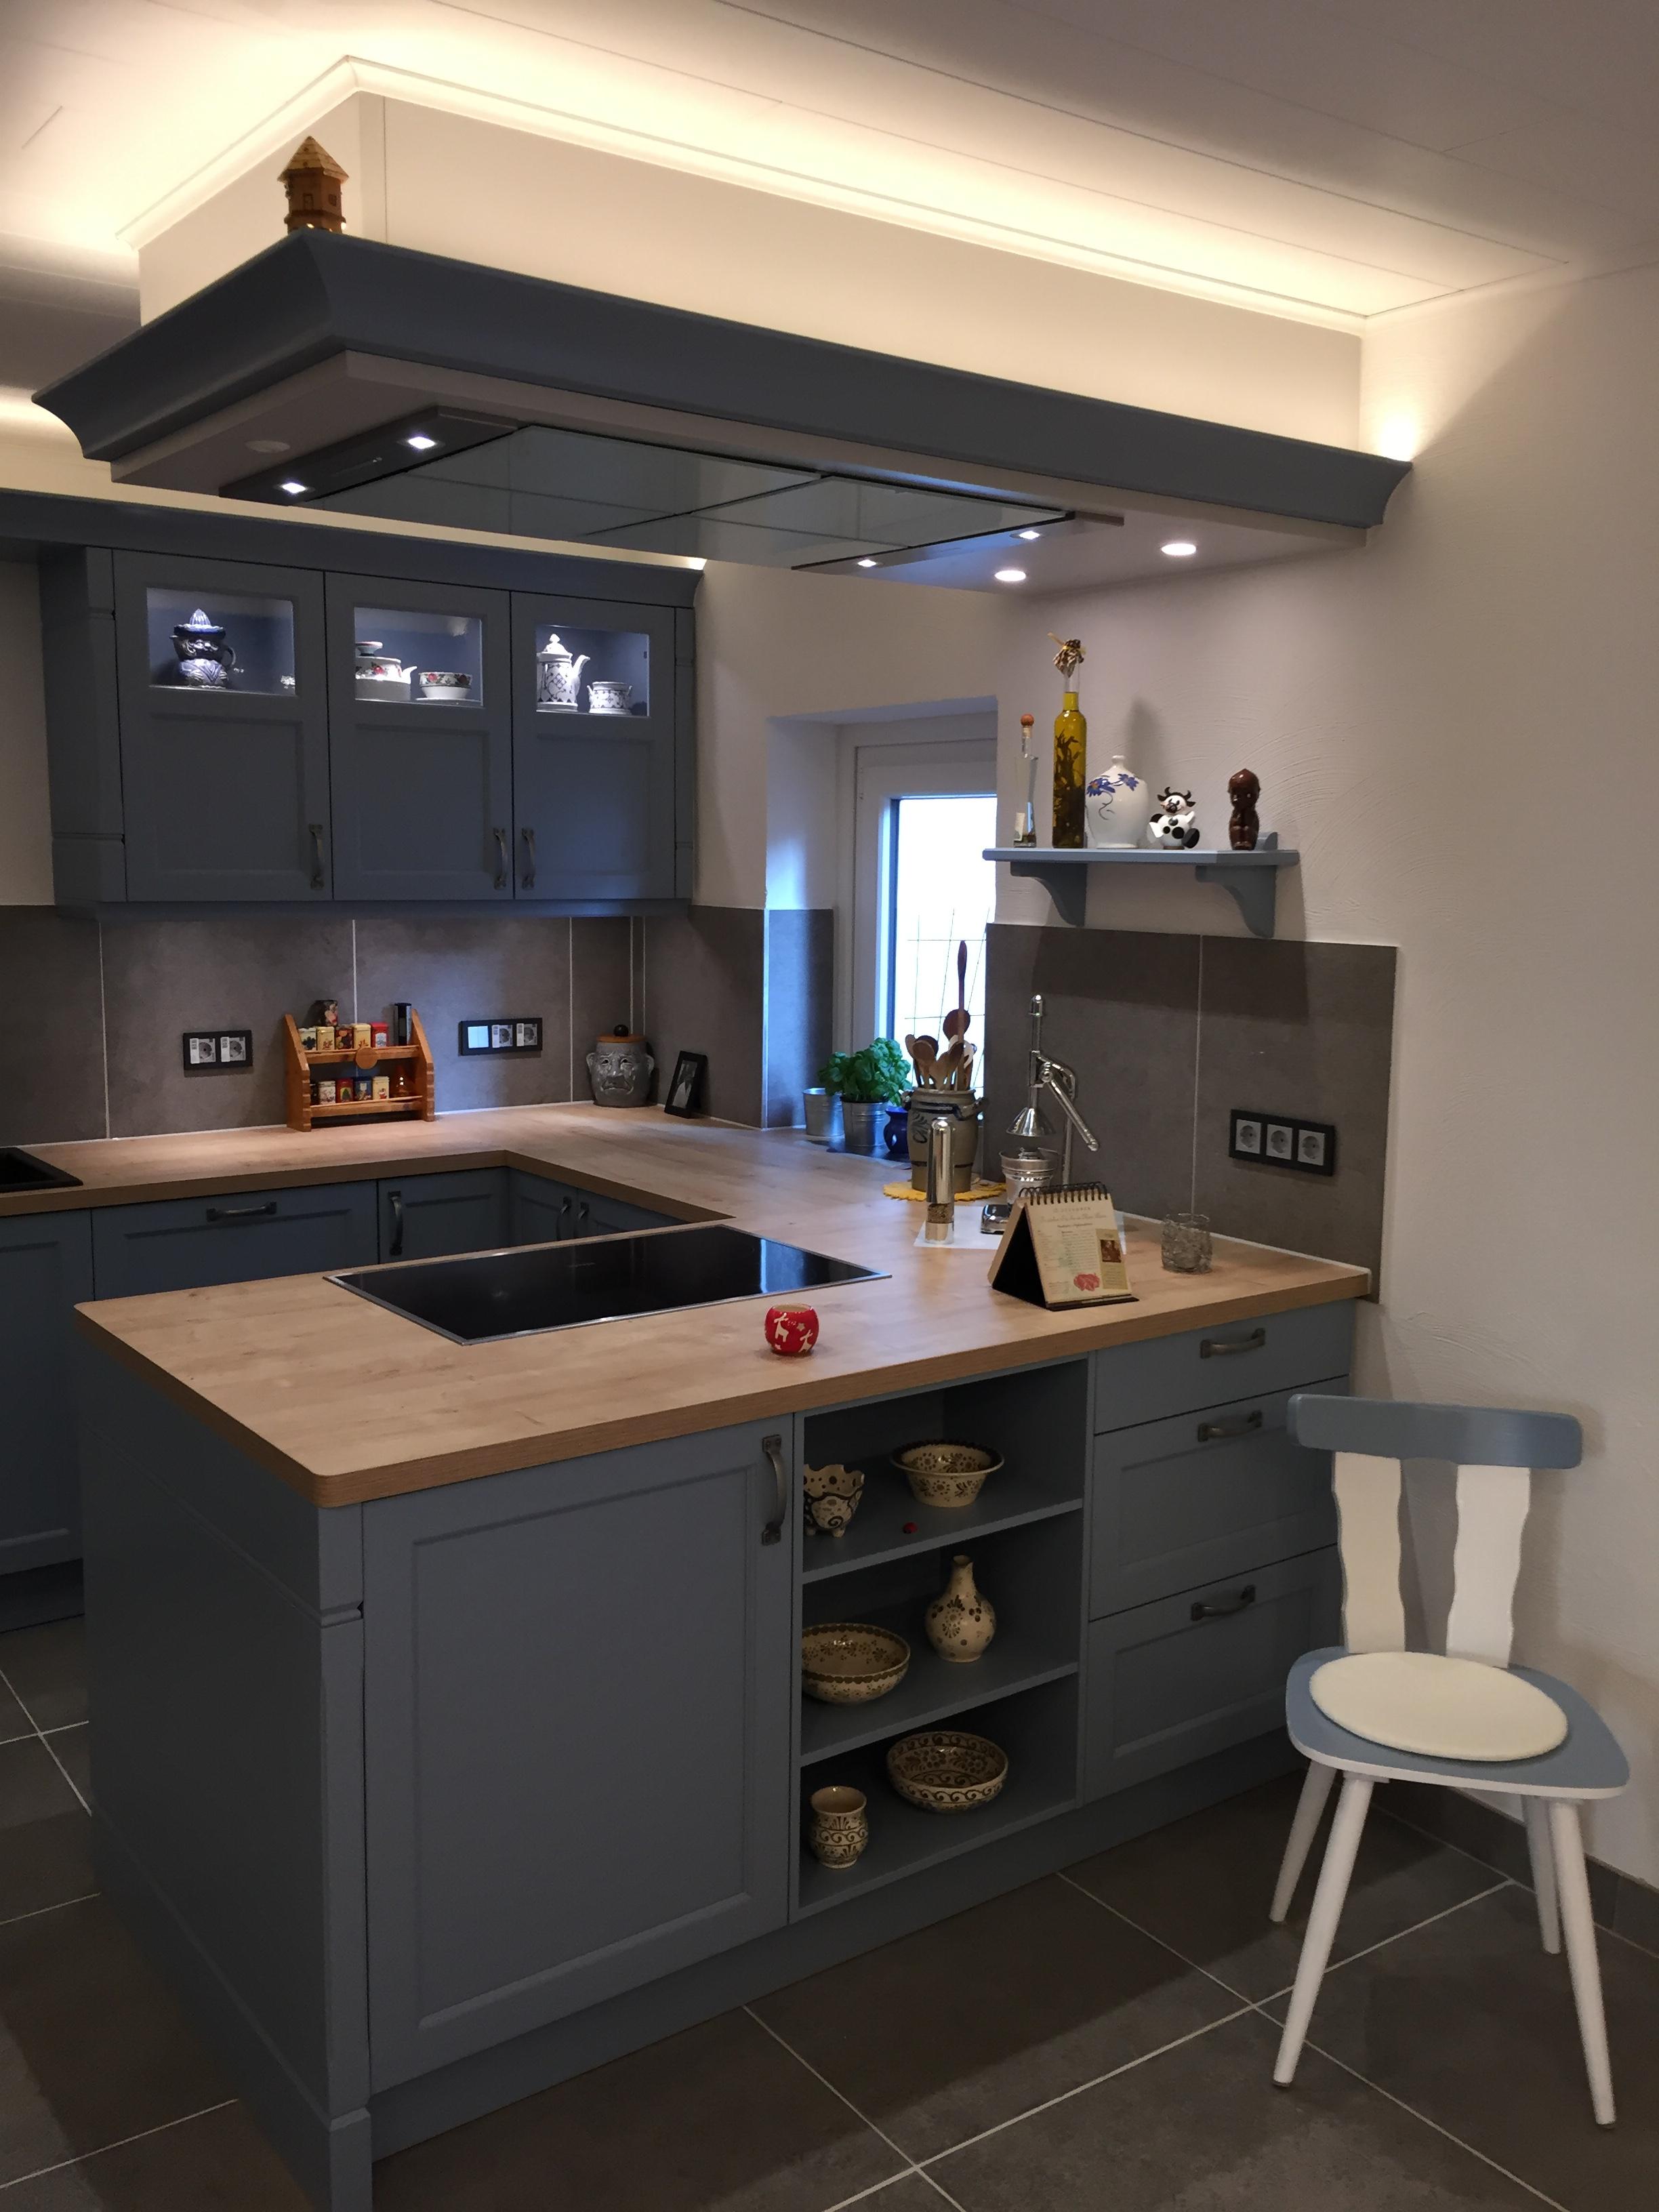 Ihr Partner für die Einbauküche und ein perfektes Wohnkonzept ...